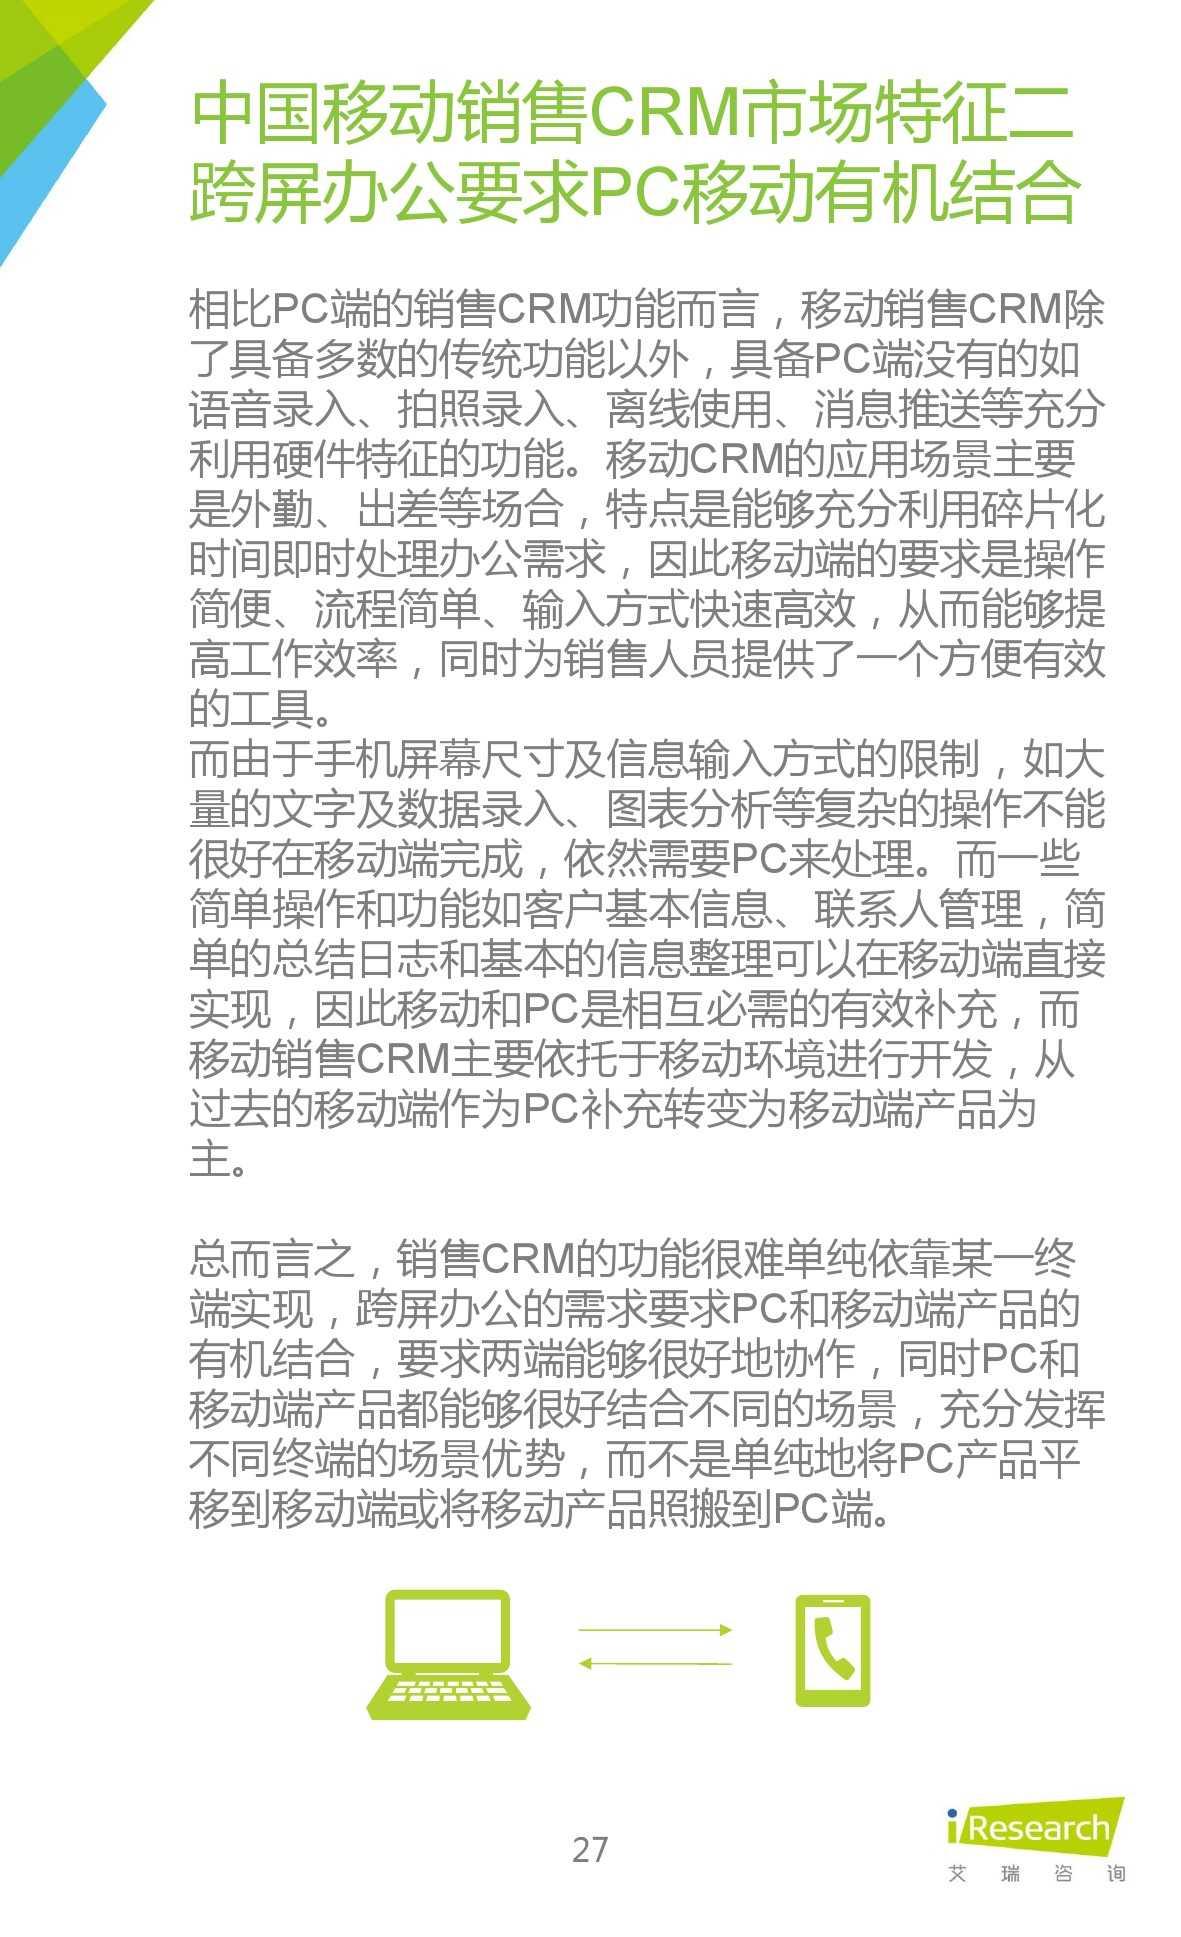 2015年中国移动销售CRM行业研究报告_000027